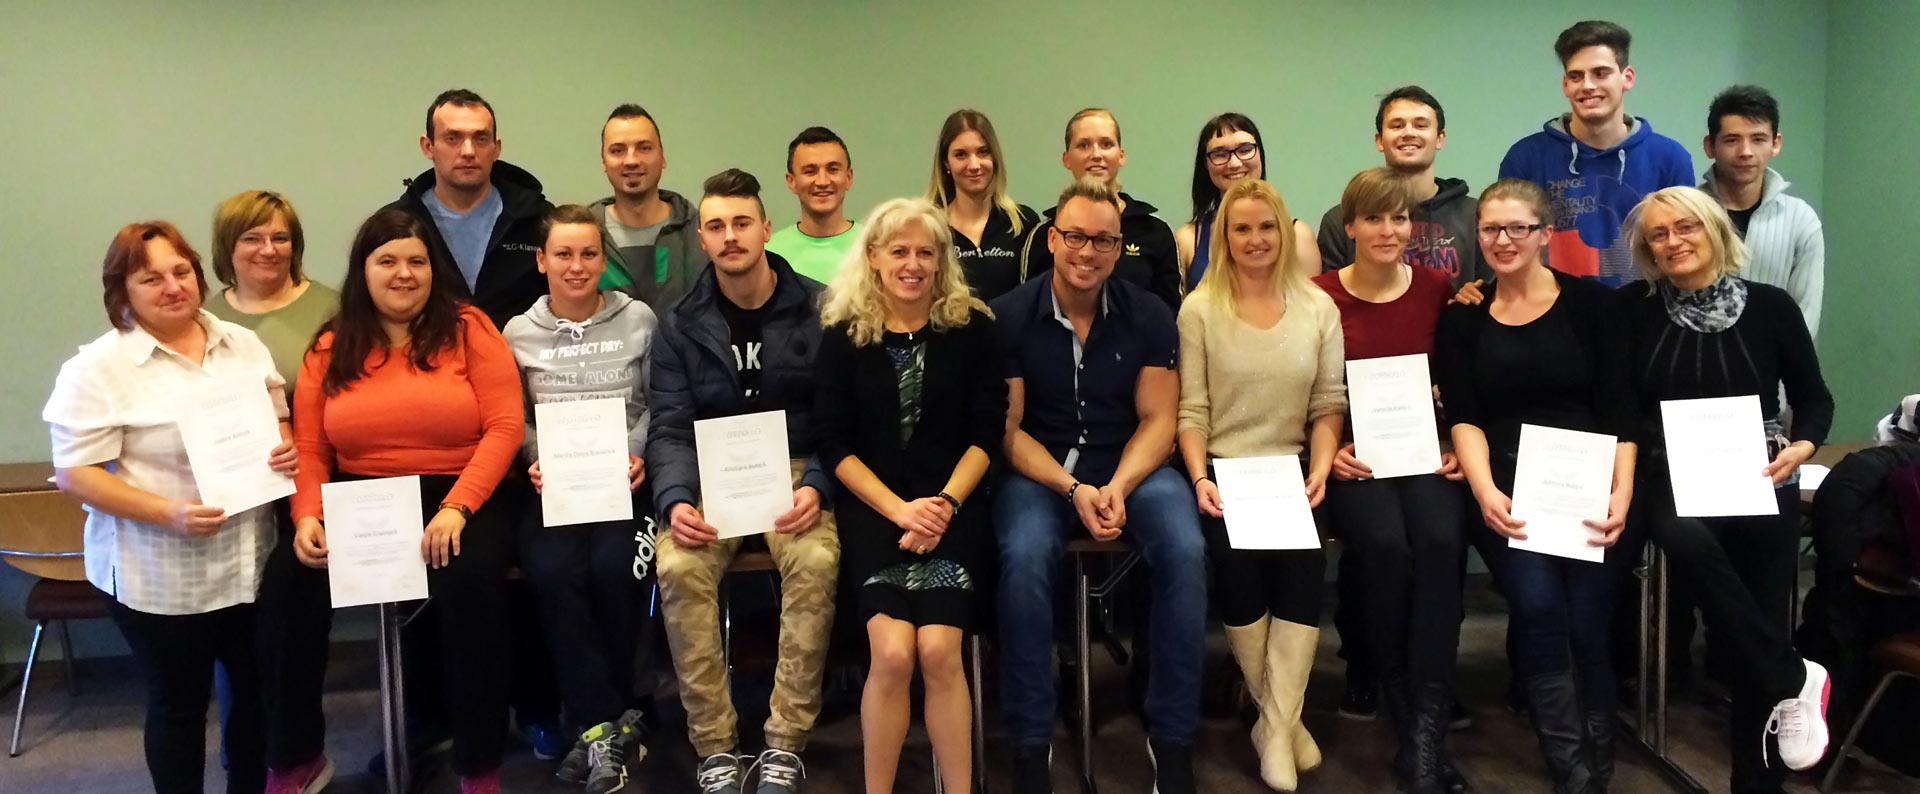 Tecaj masaze Maribor podelitev diplom